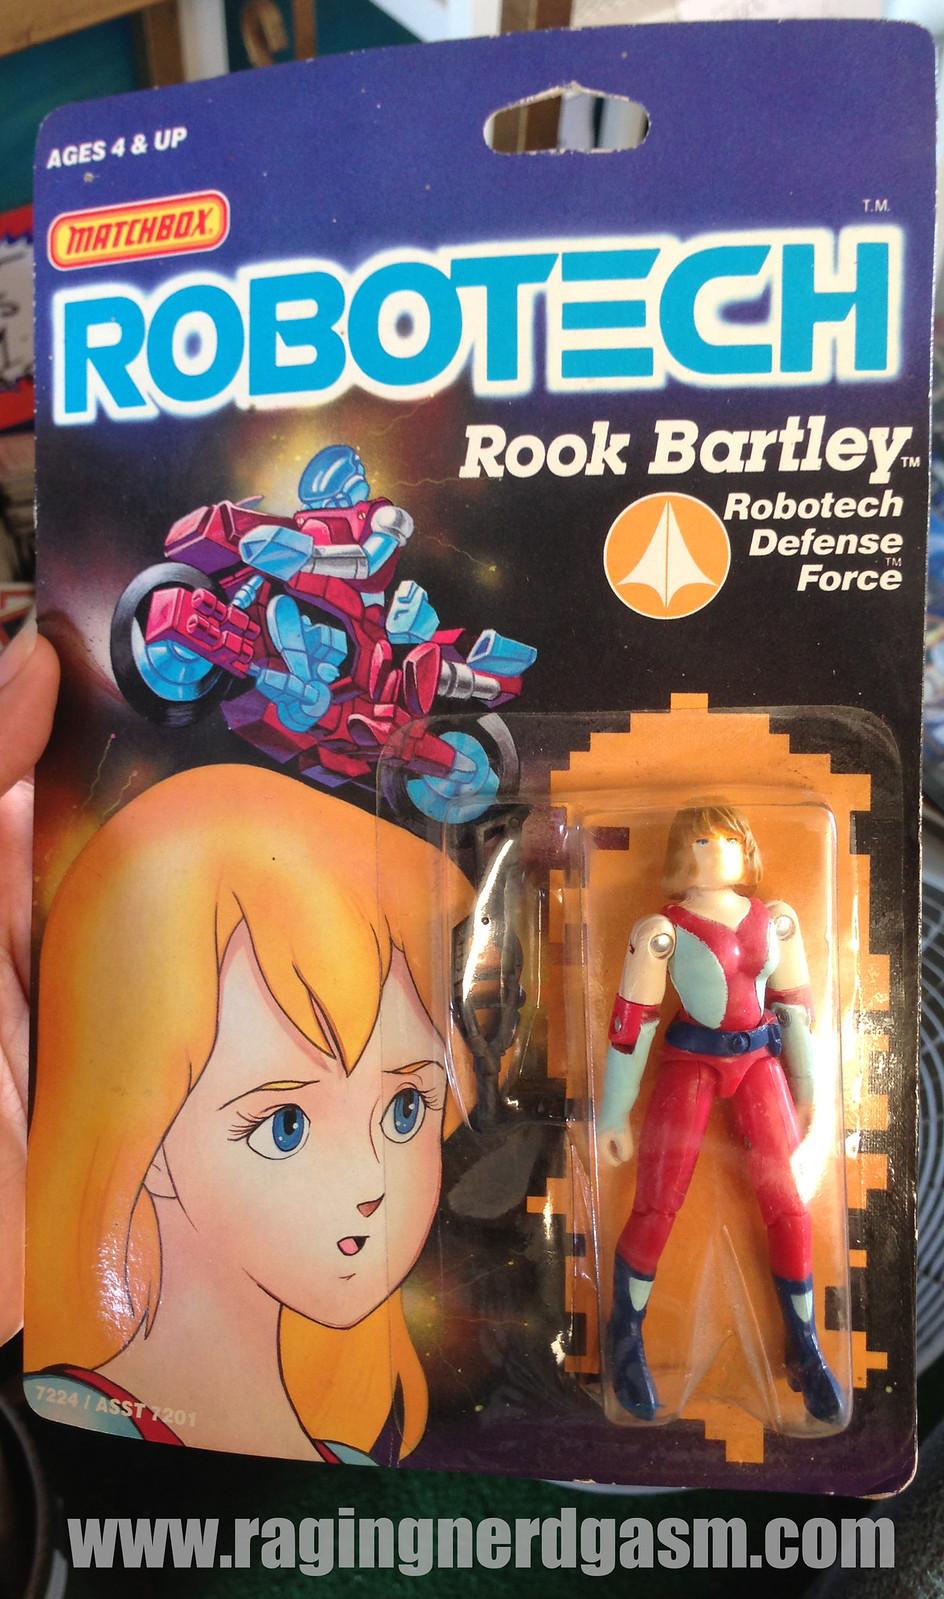 Matchbox Robotech Rook Bartley